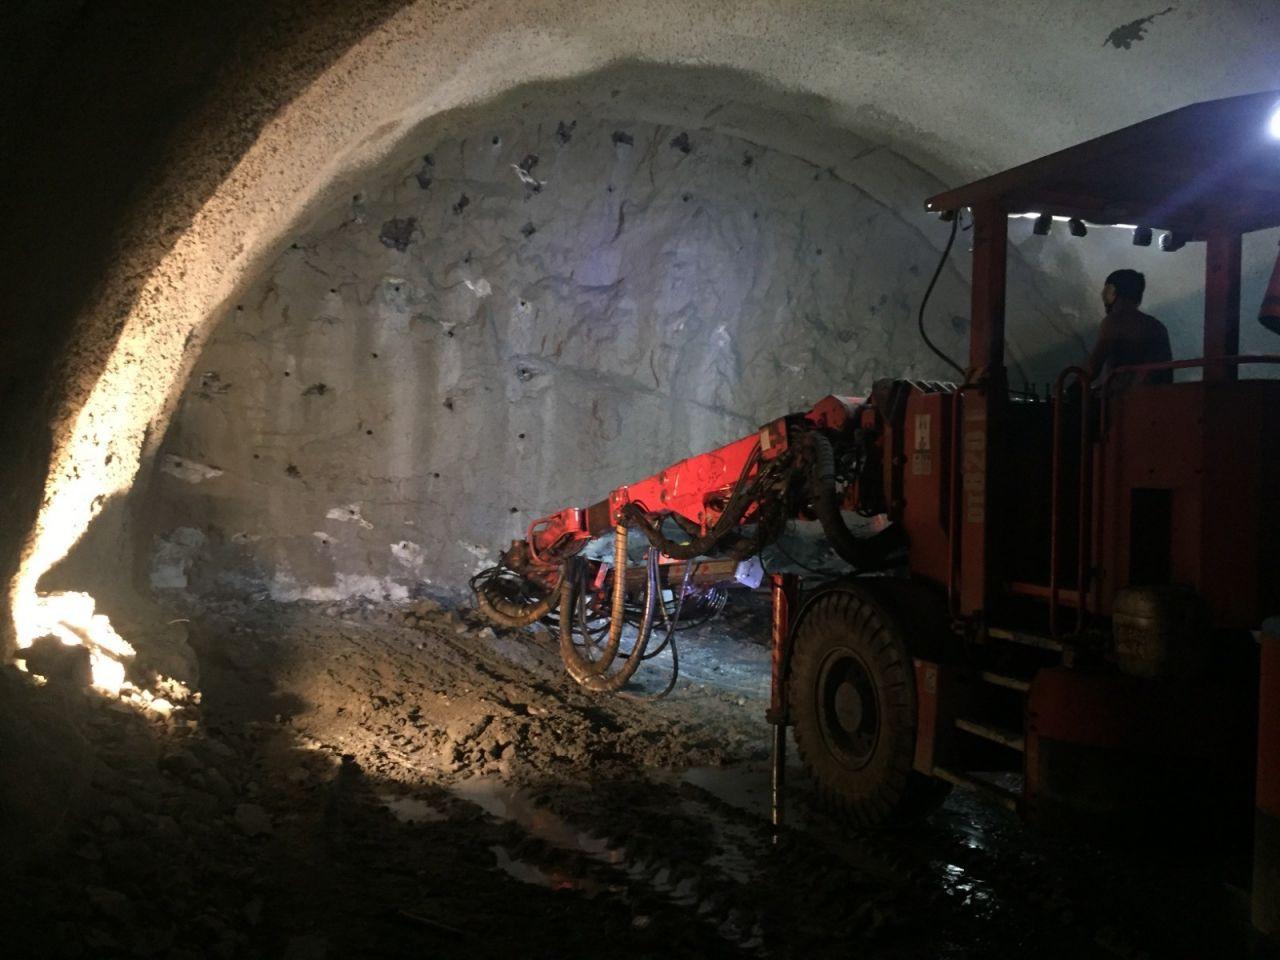 Dünyanın üçüncü en uzun çift tüplü kara yolu tüneli Zigana'da sona yaklaşıldı - Sayfa 2